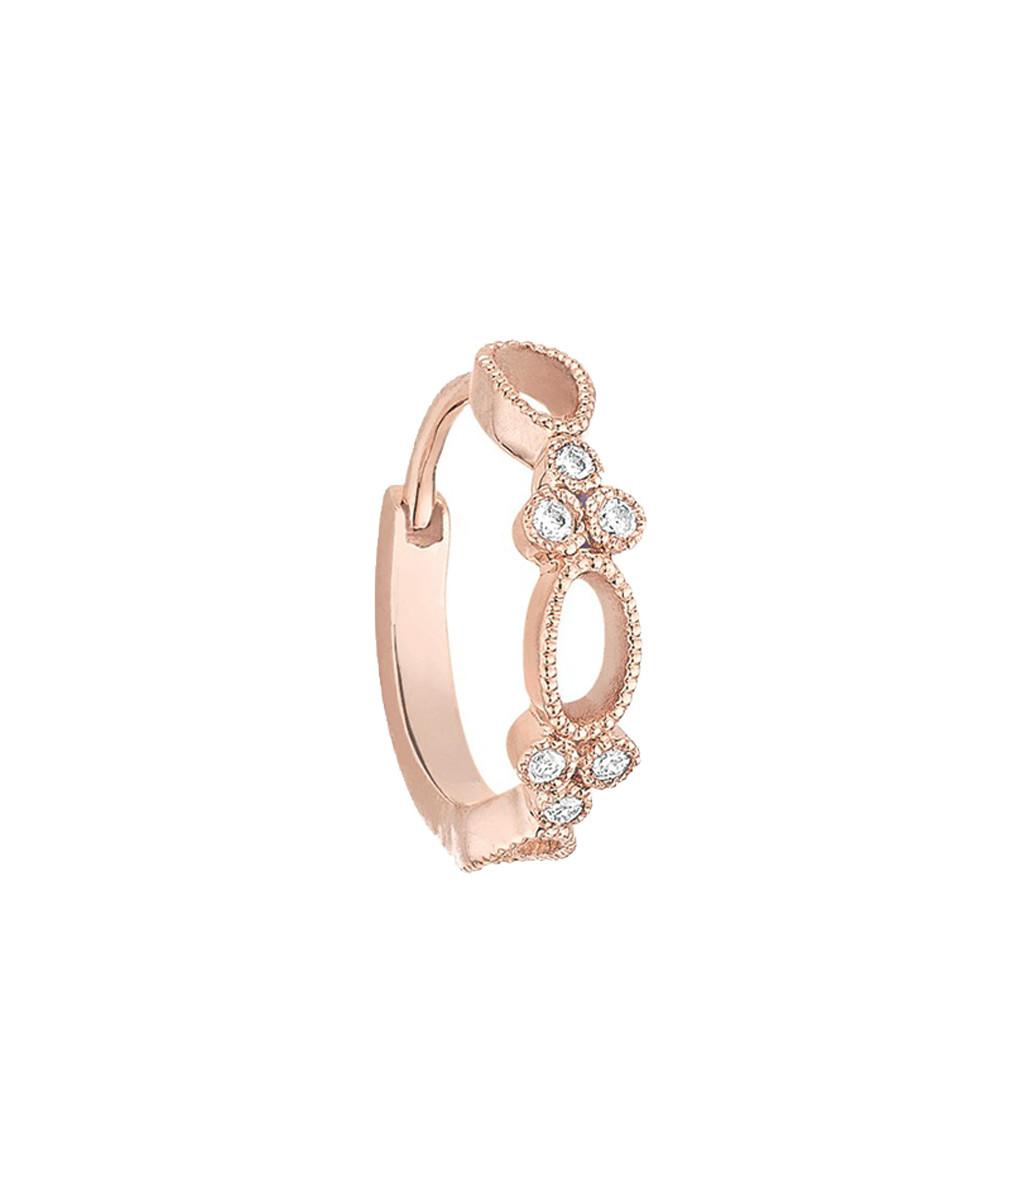 STONE PARIS - Mini Créole Volupté Or Diamants (vendue à l'unité)